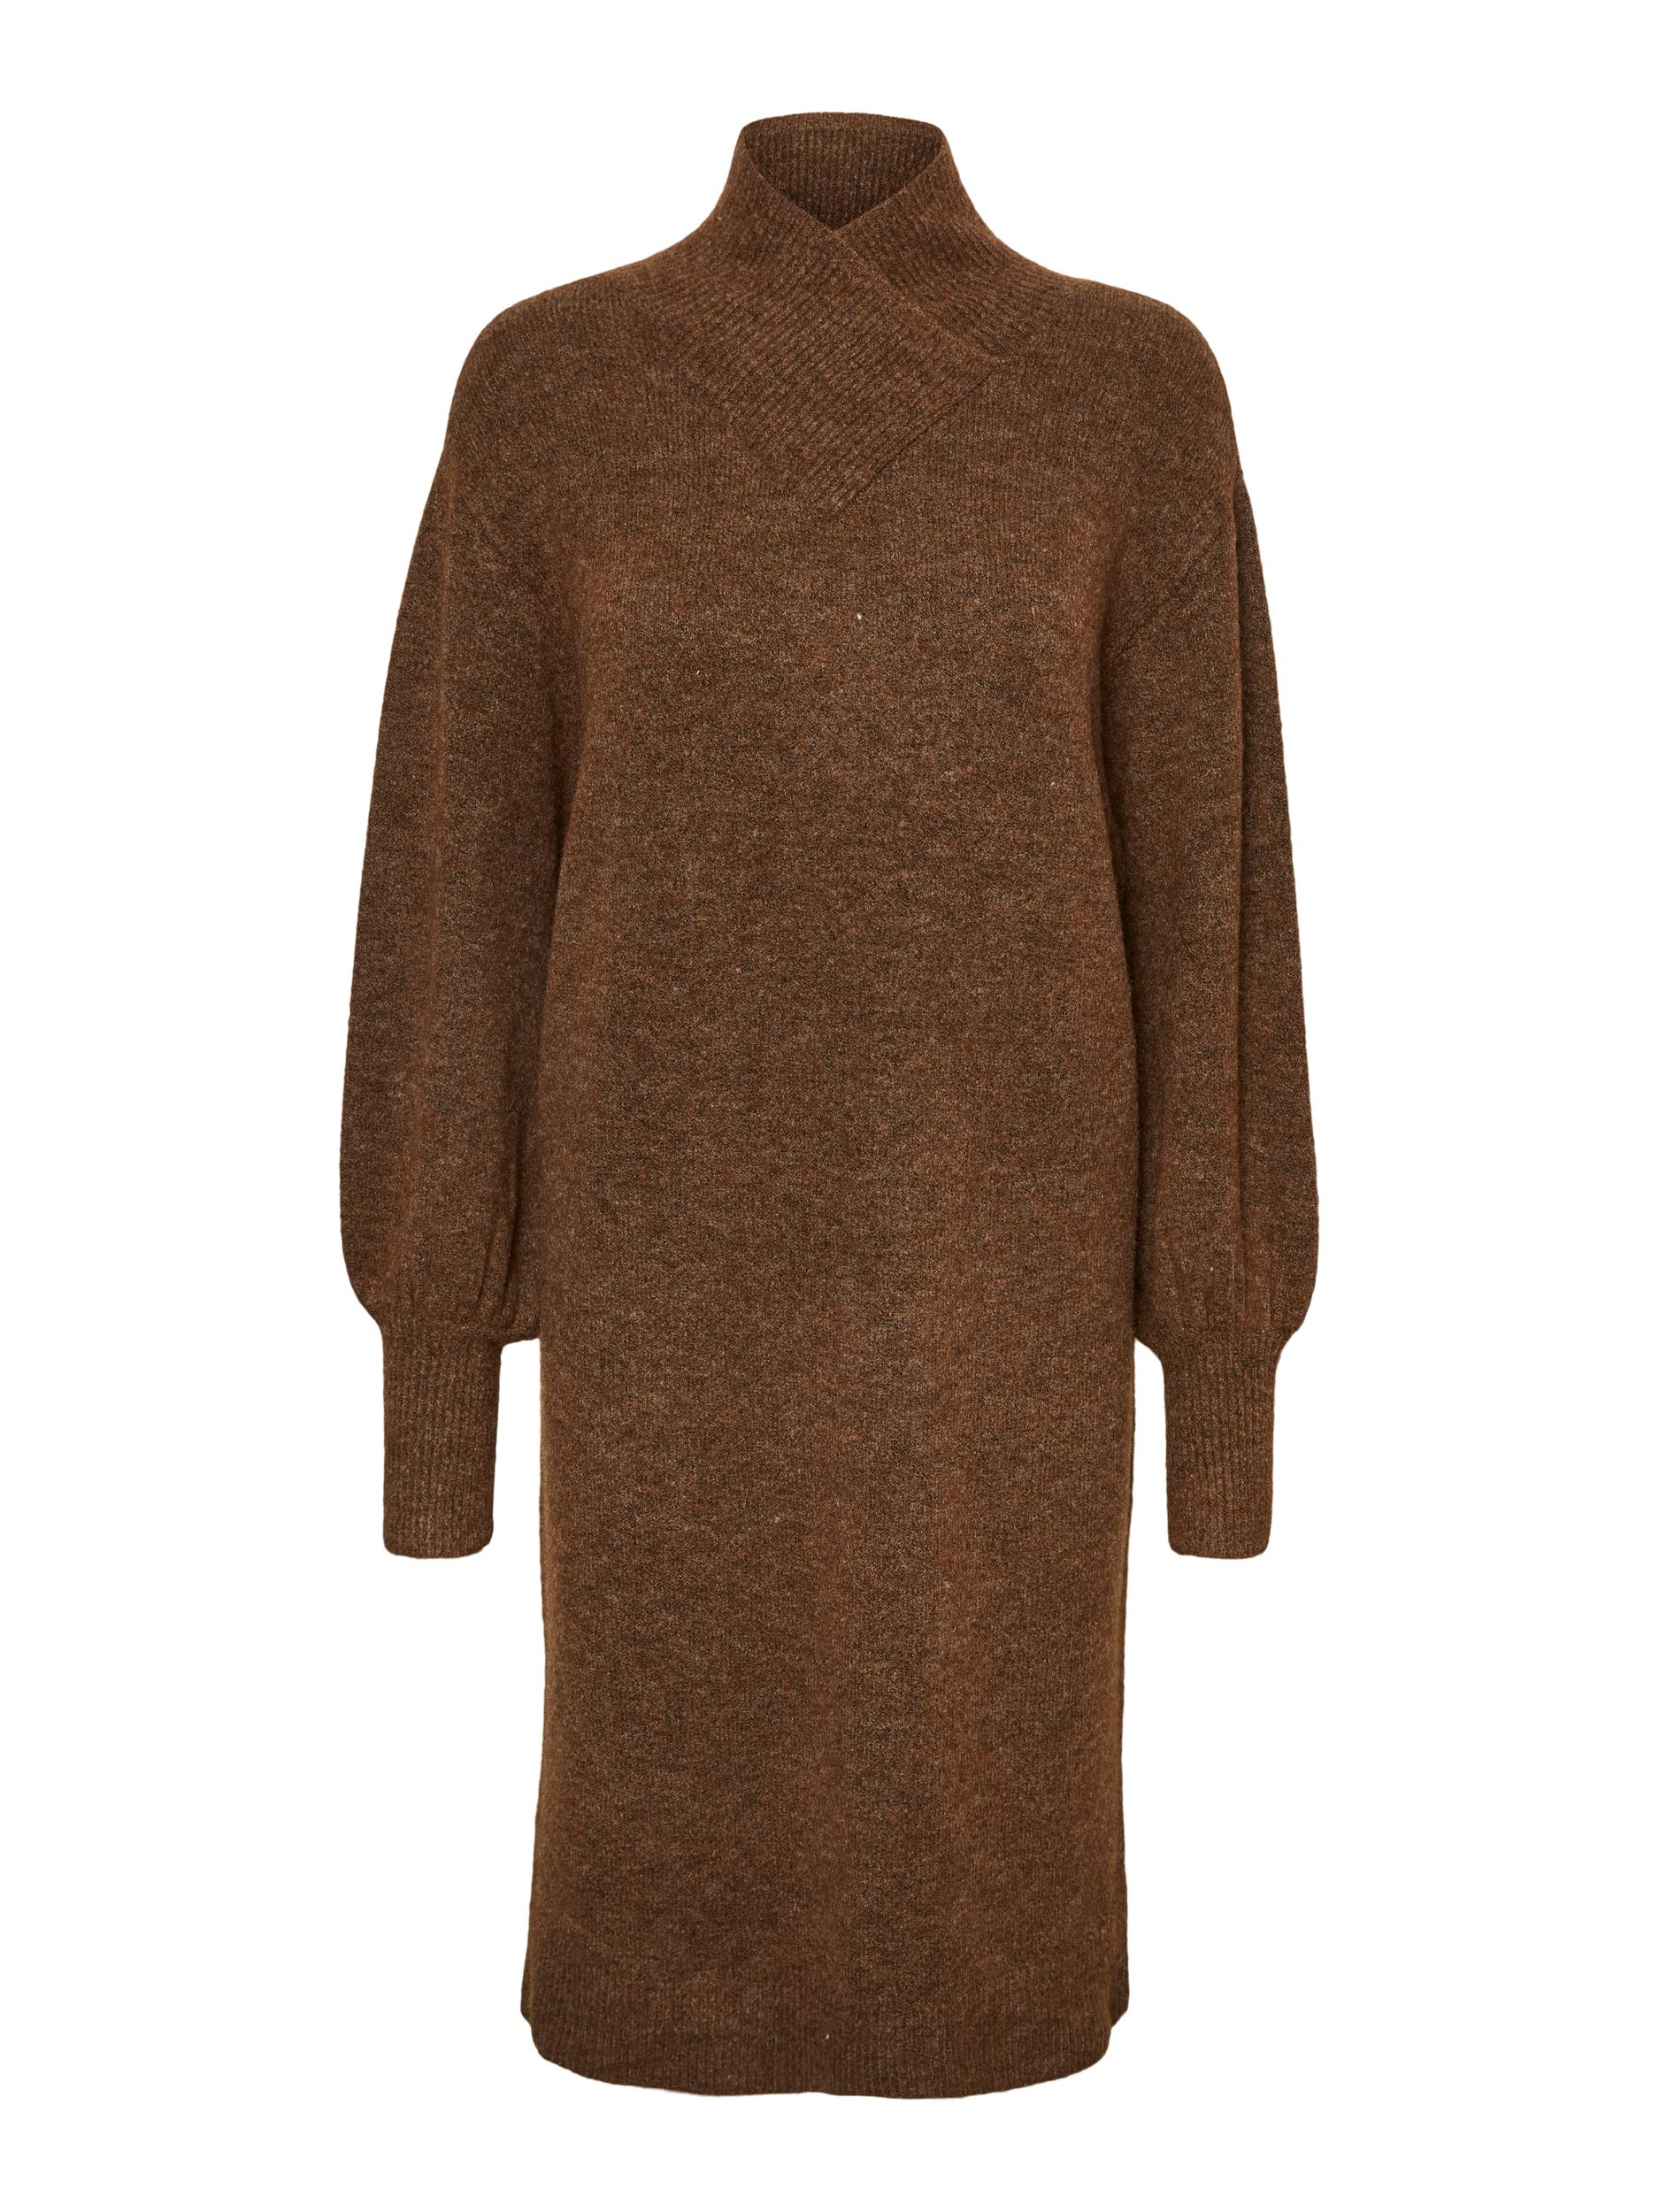 Vero Moda Toka kjole, emperador, medium